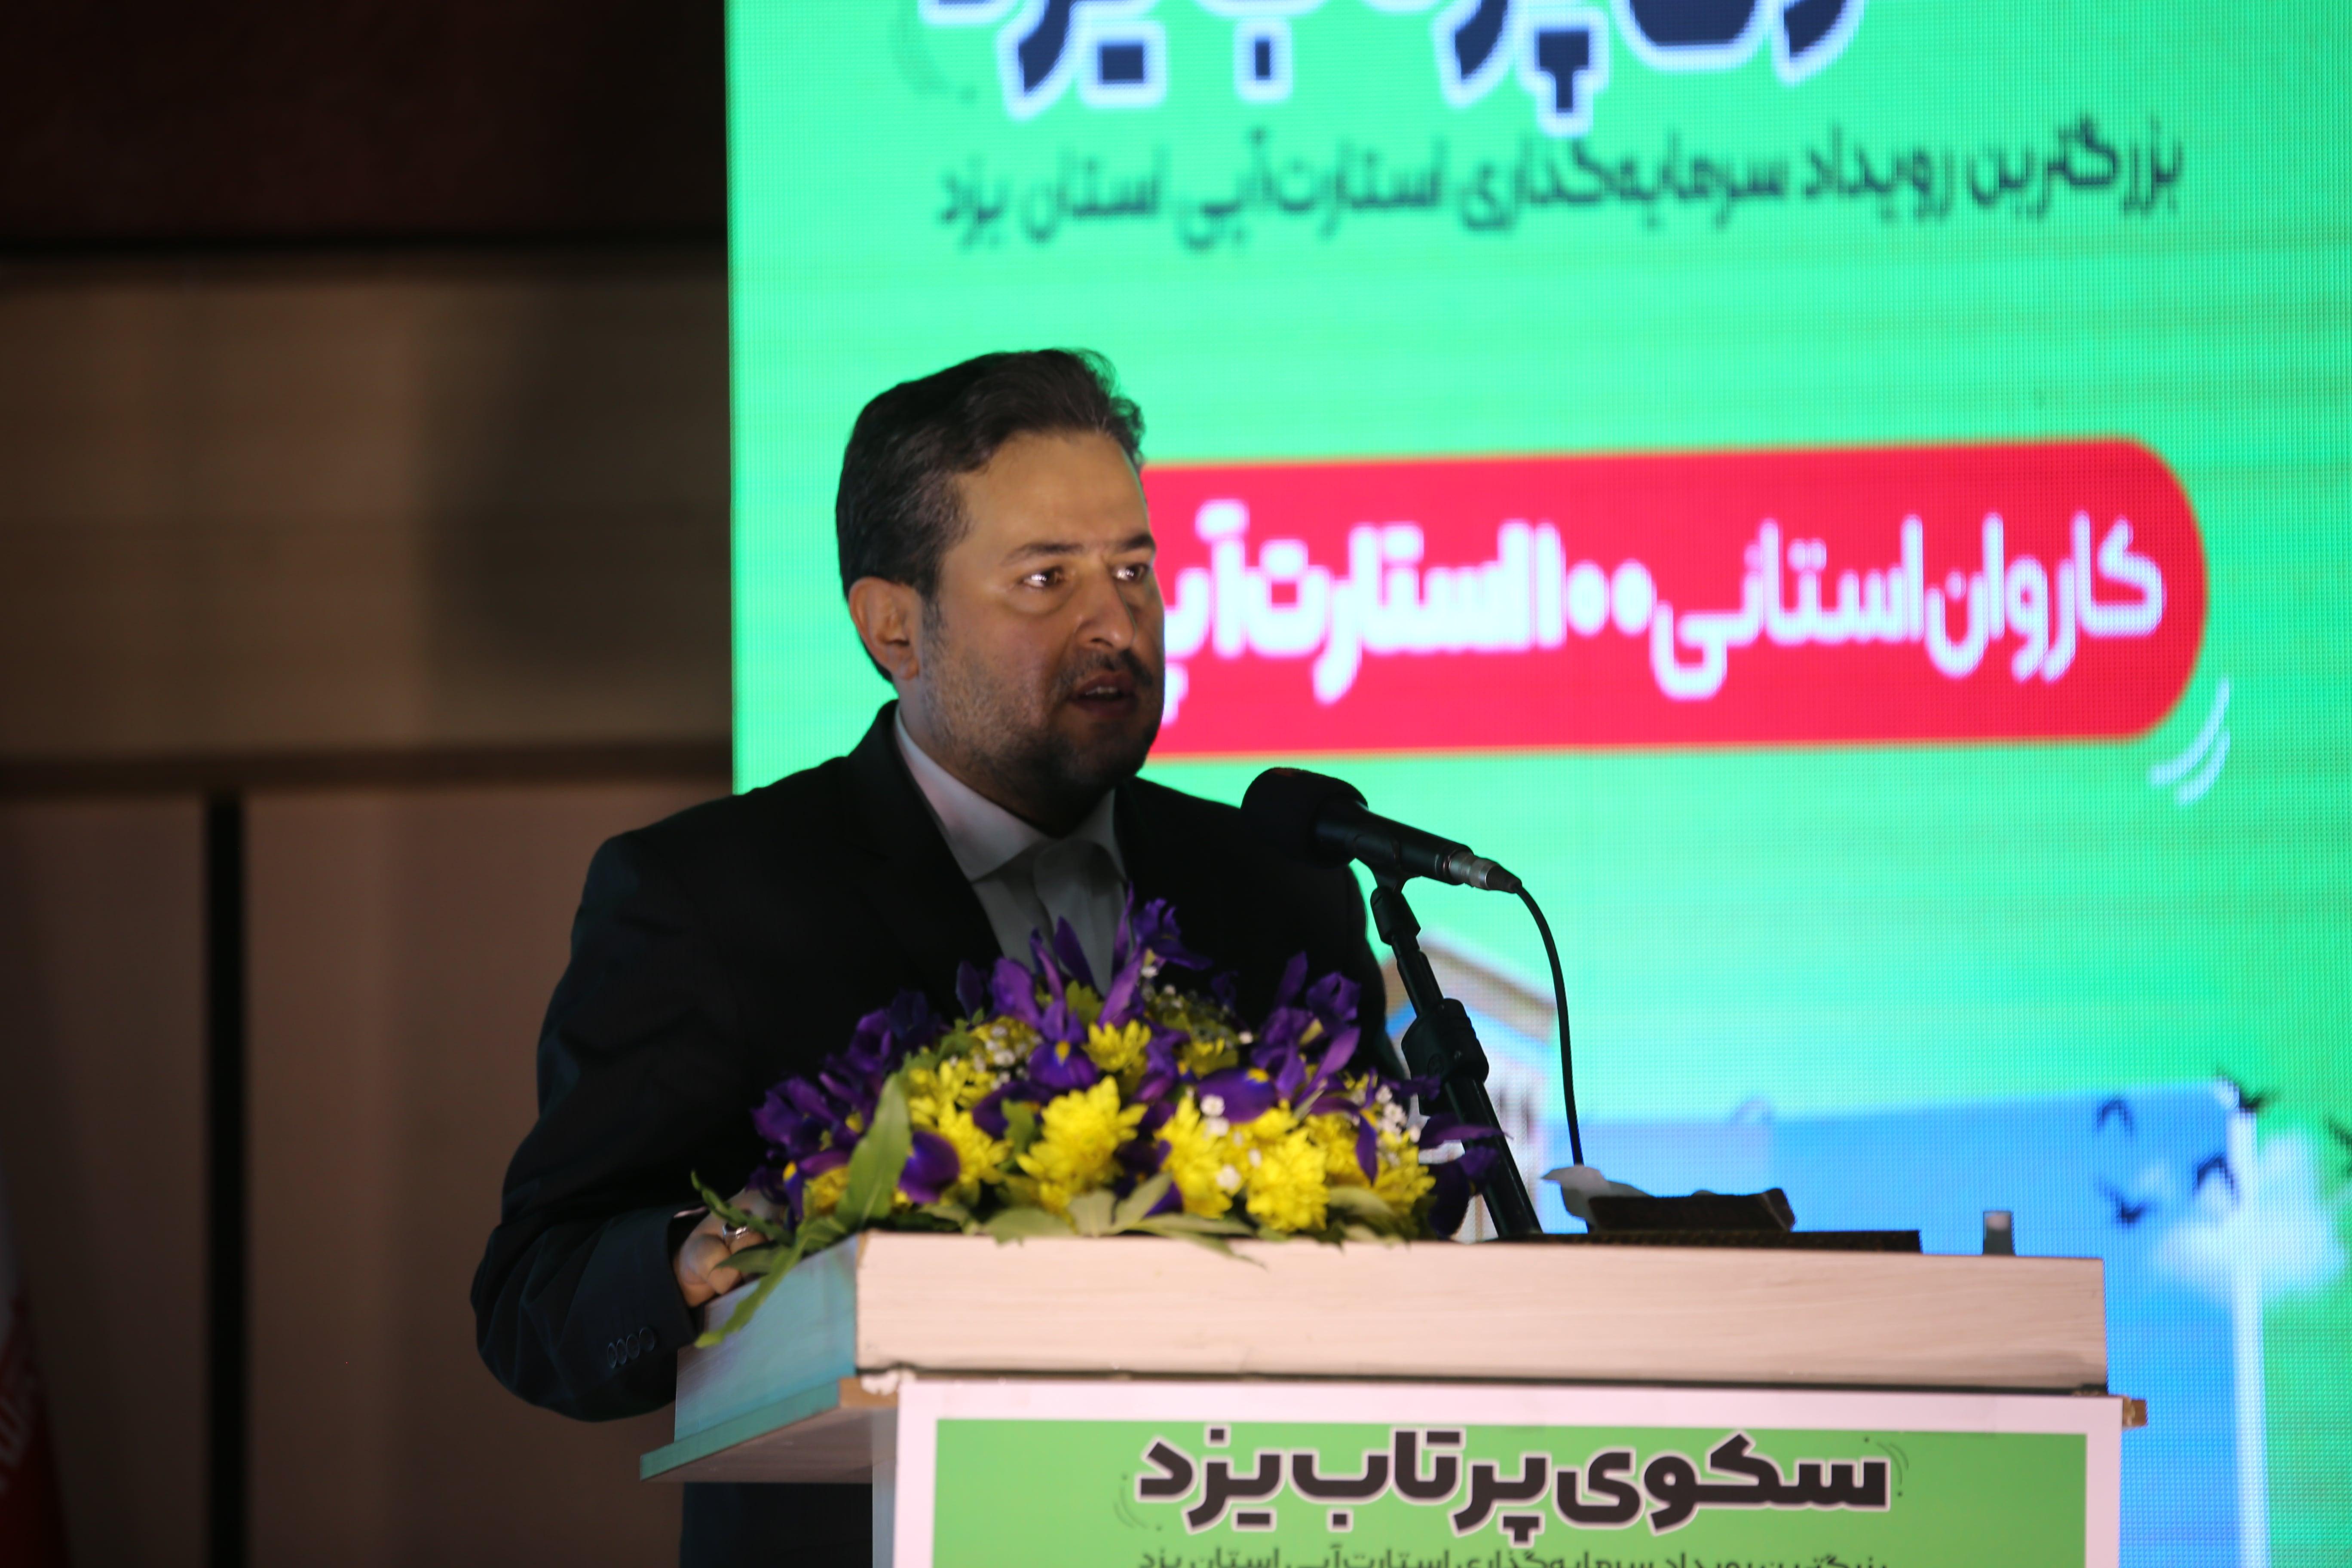 مدیر صندوق نوآوری و شکوفایی در مراسم سکوی پرتاب 100استارتاپ